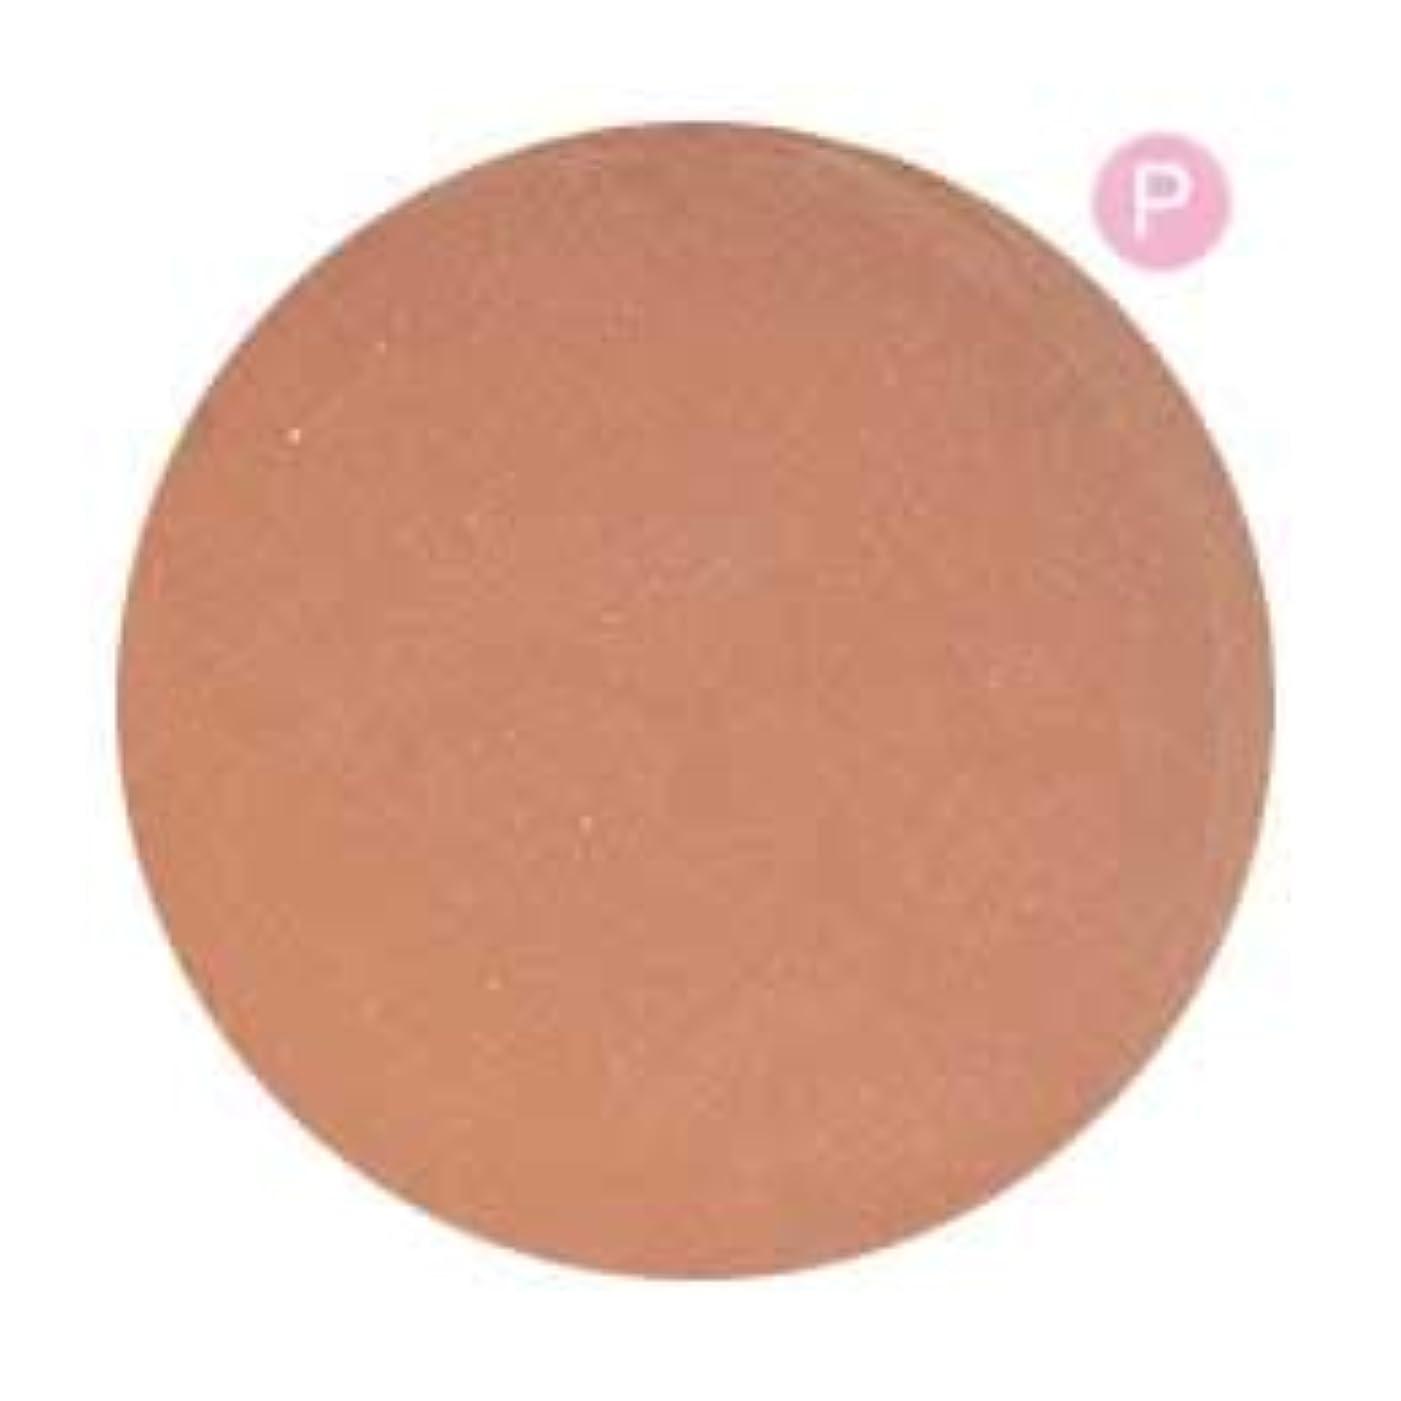 大胆な独創的不愉快PRE GEL カラージェル カラーEX ジンジャーパール-P 3g PG-CE570 UV/LED対応